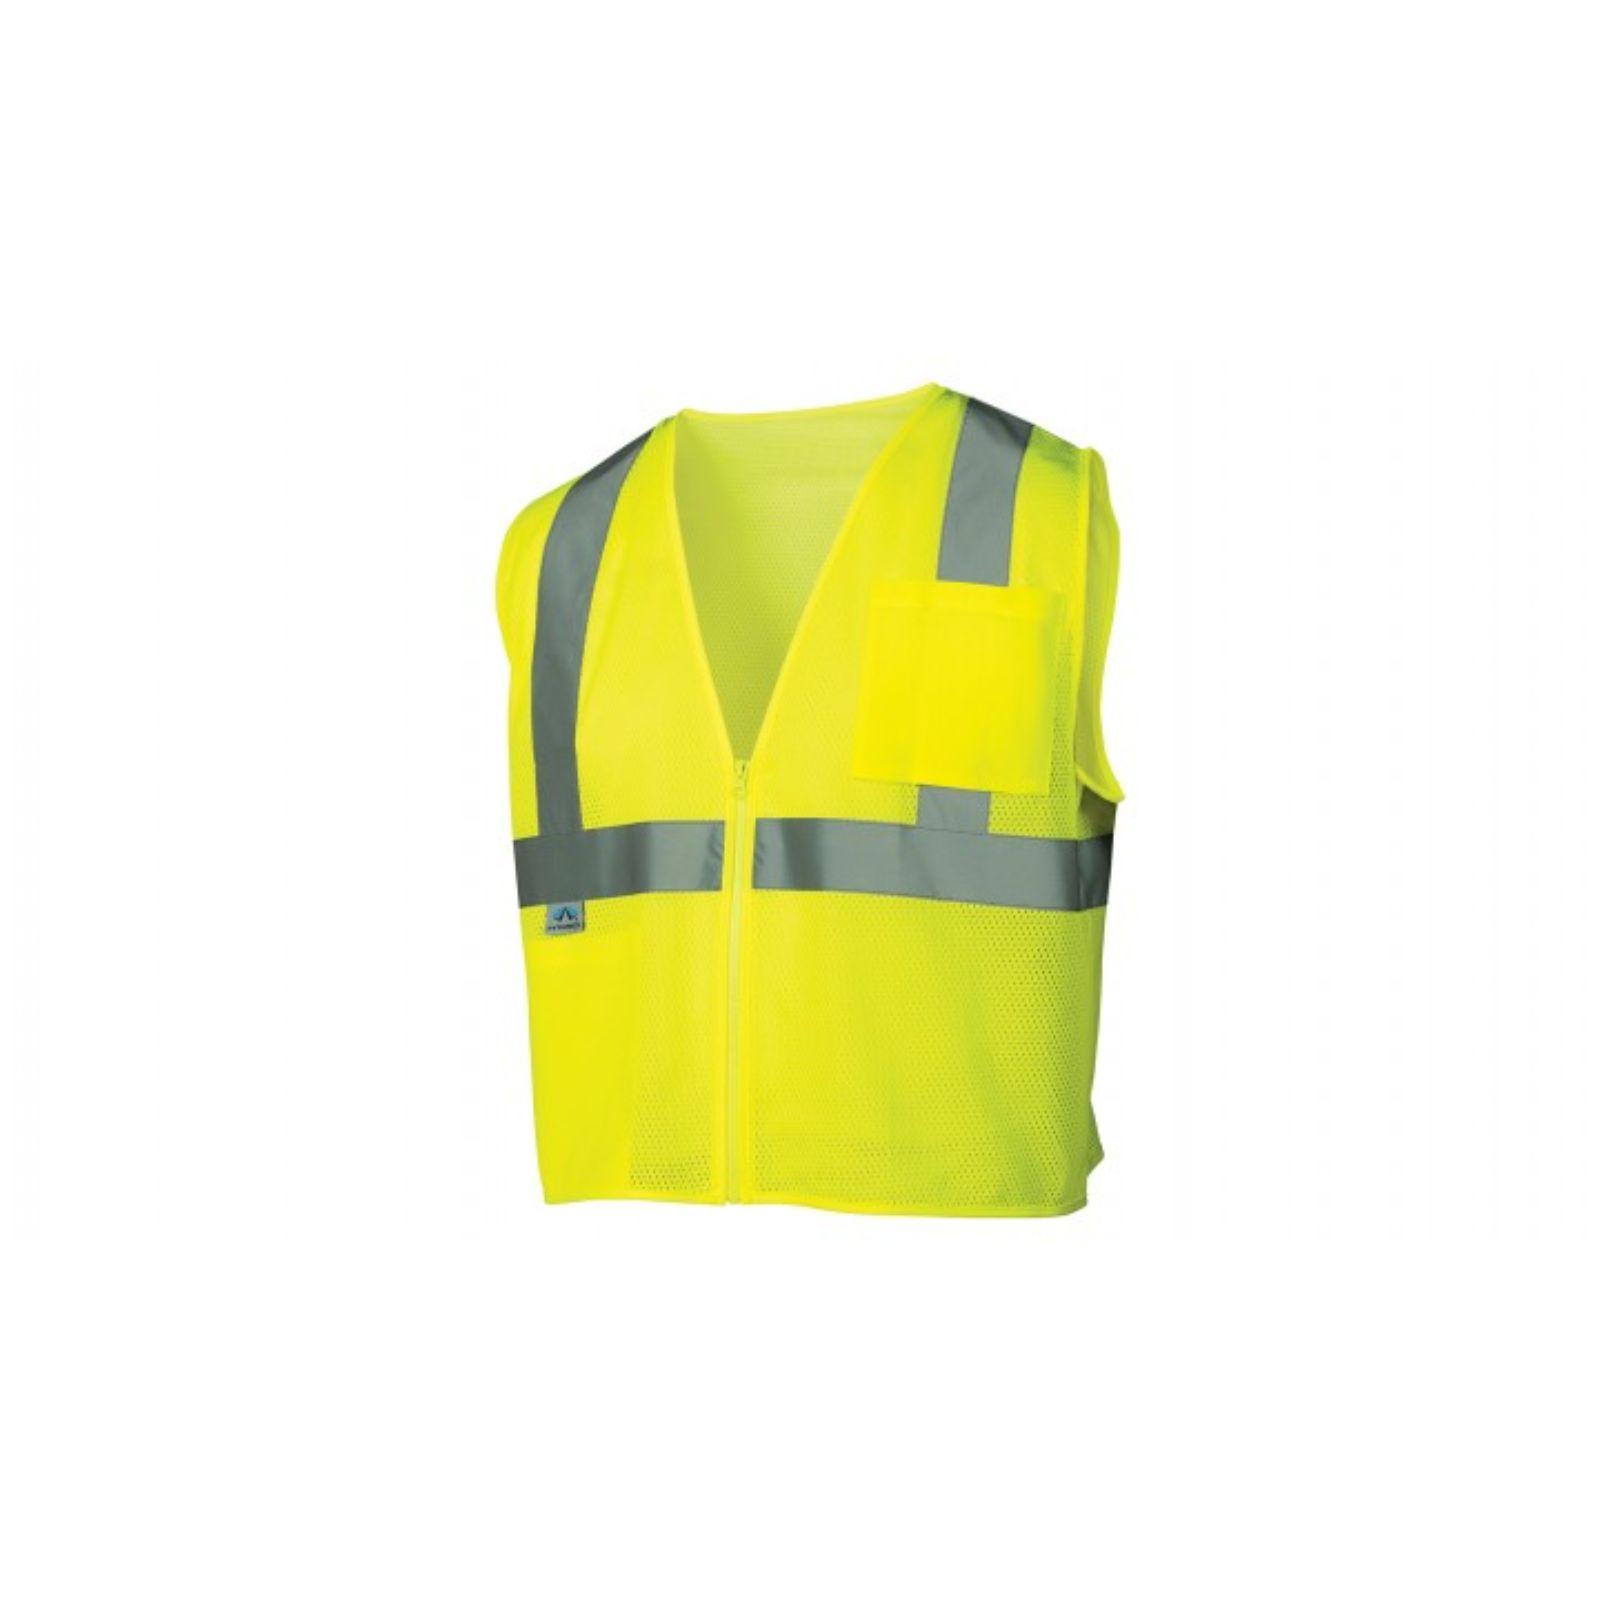 Pyramex Safety Vest Hi-Vis Lime XL